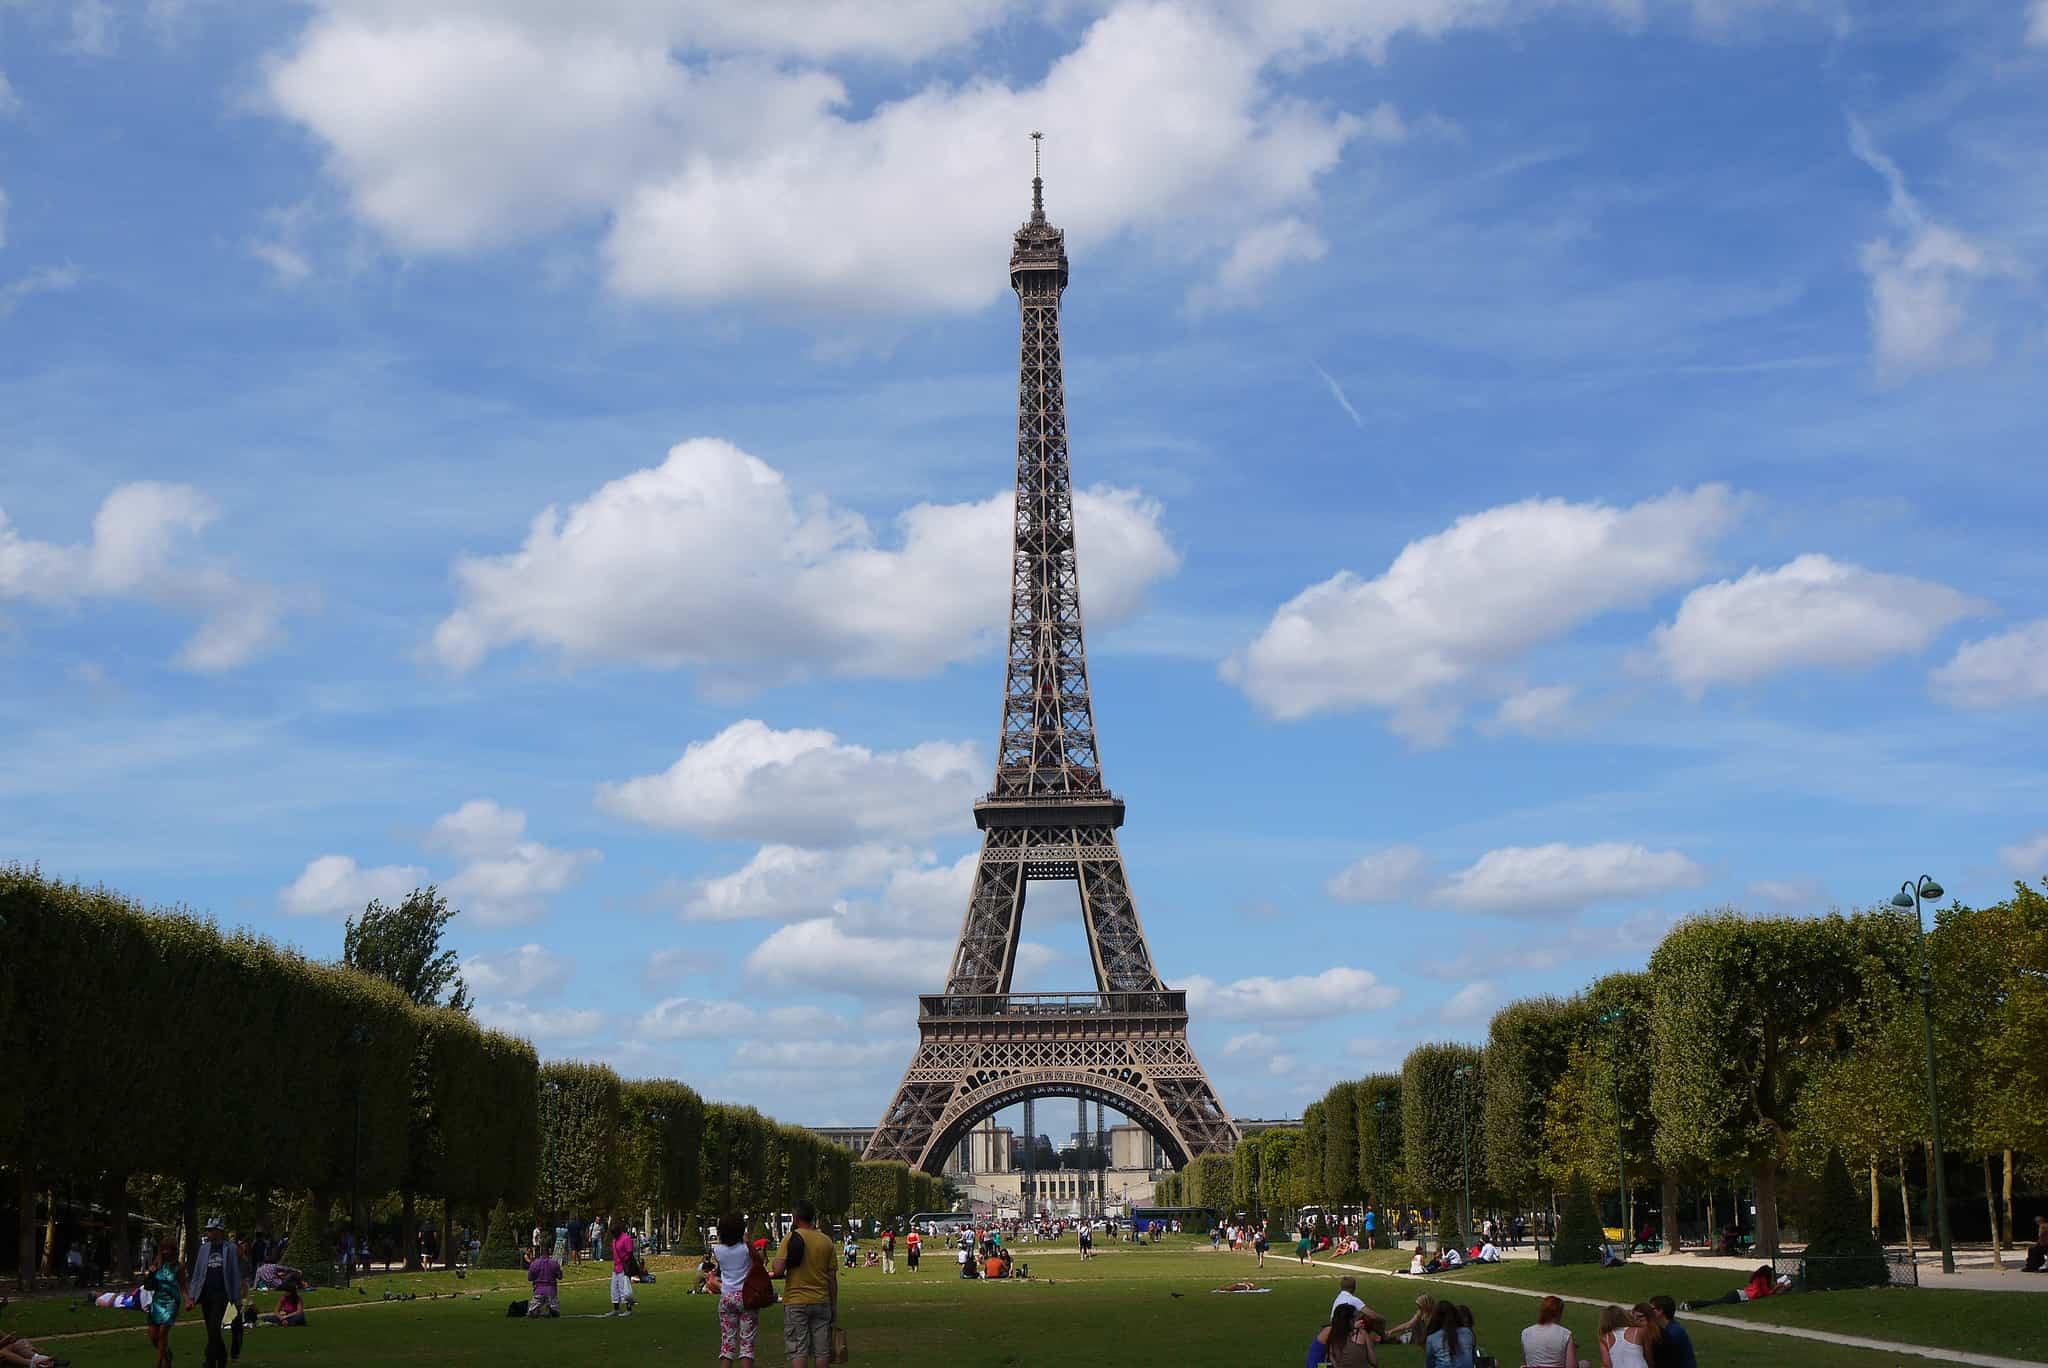 Quelques touristes devant la tour Eiffel.